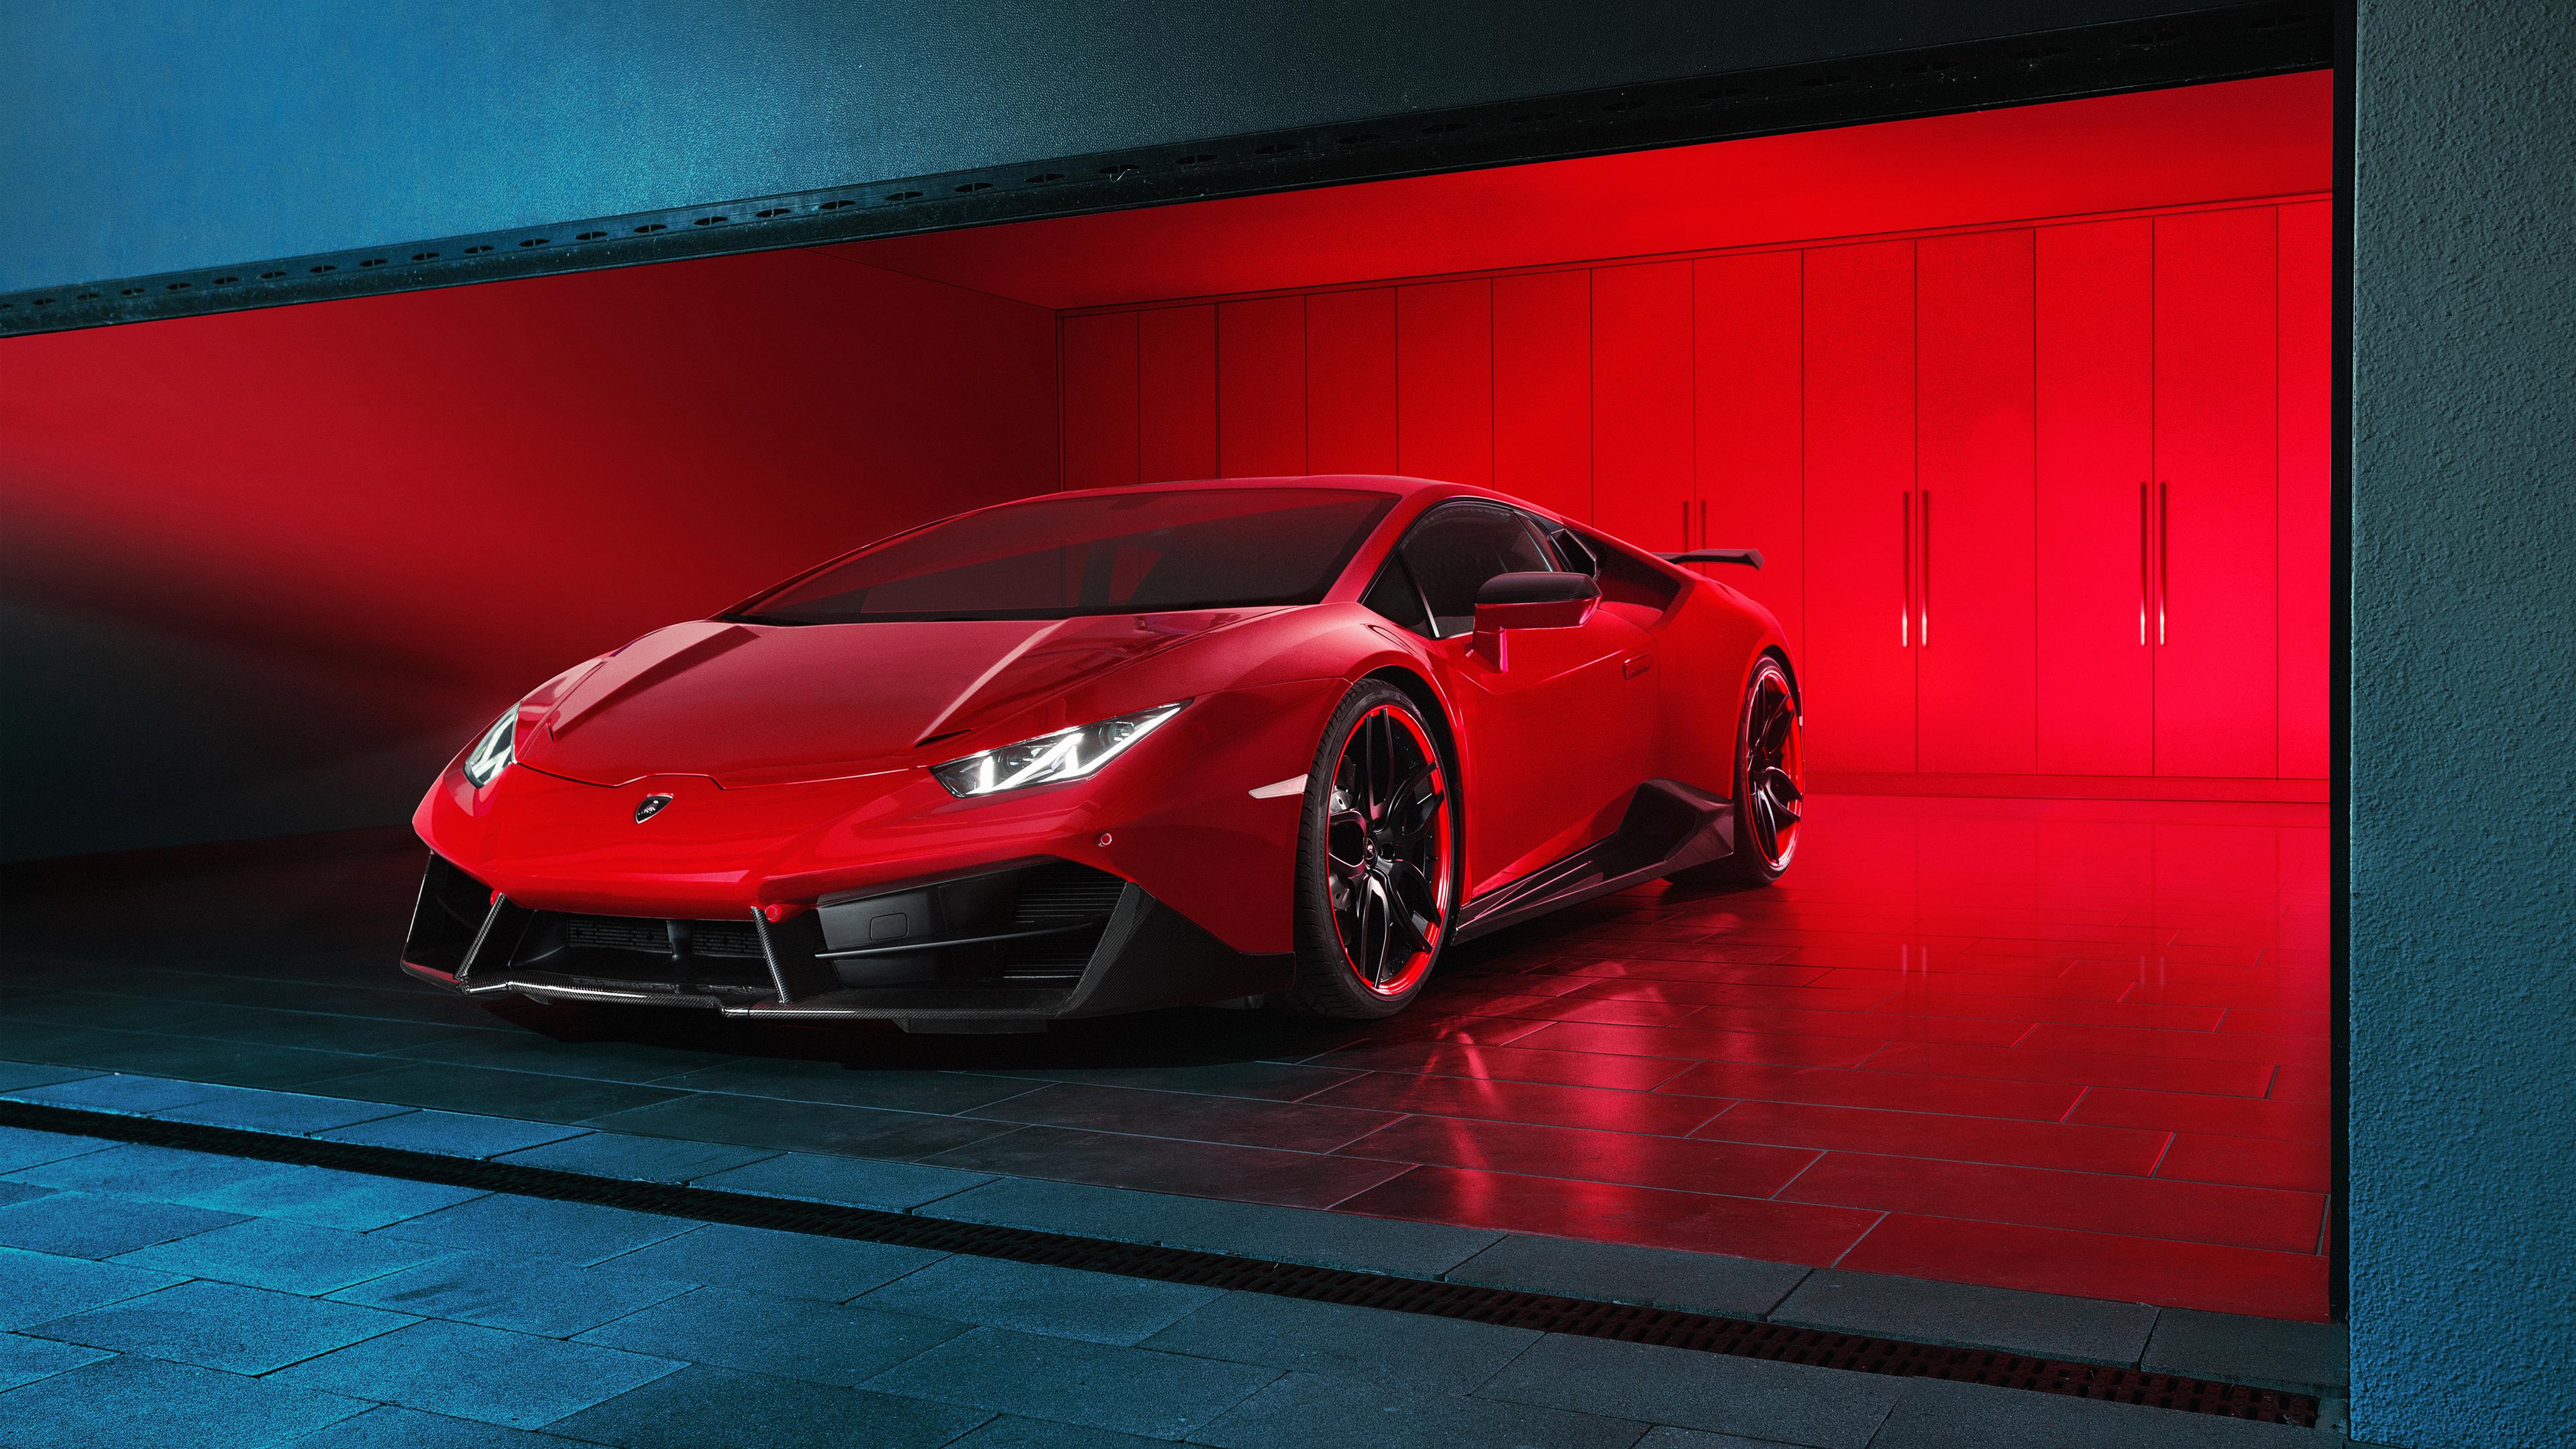 Novitec Torado Lamborghini Huracan LP 580 2 4K Wallpaper HD Car 3840x2160